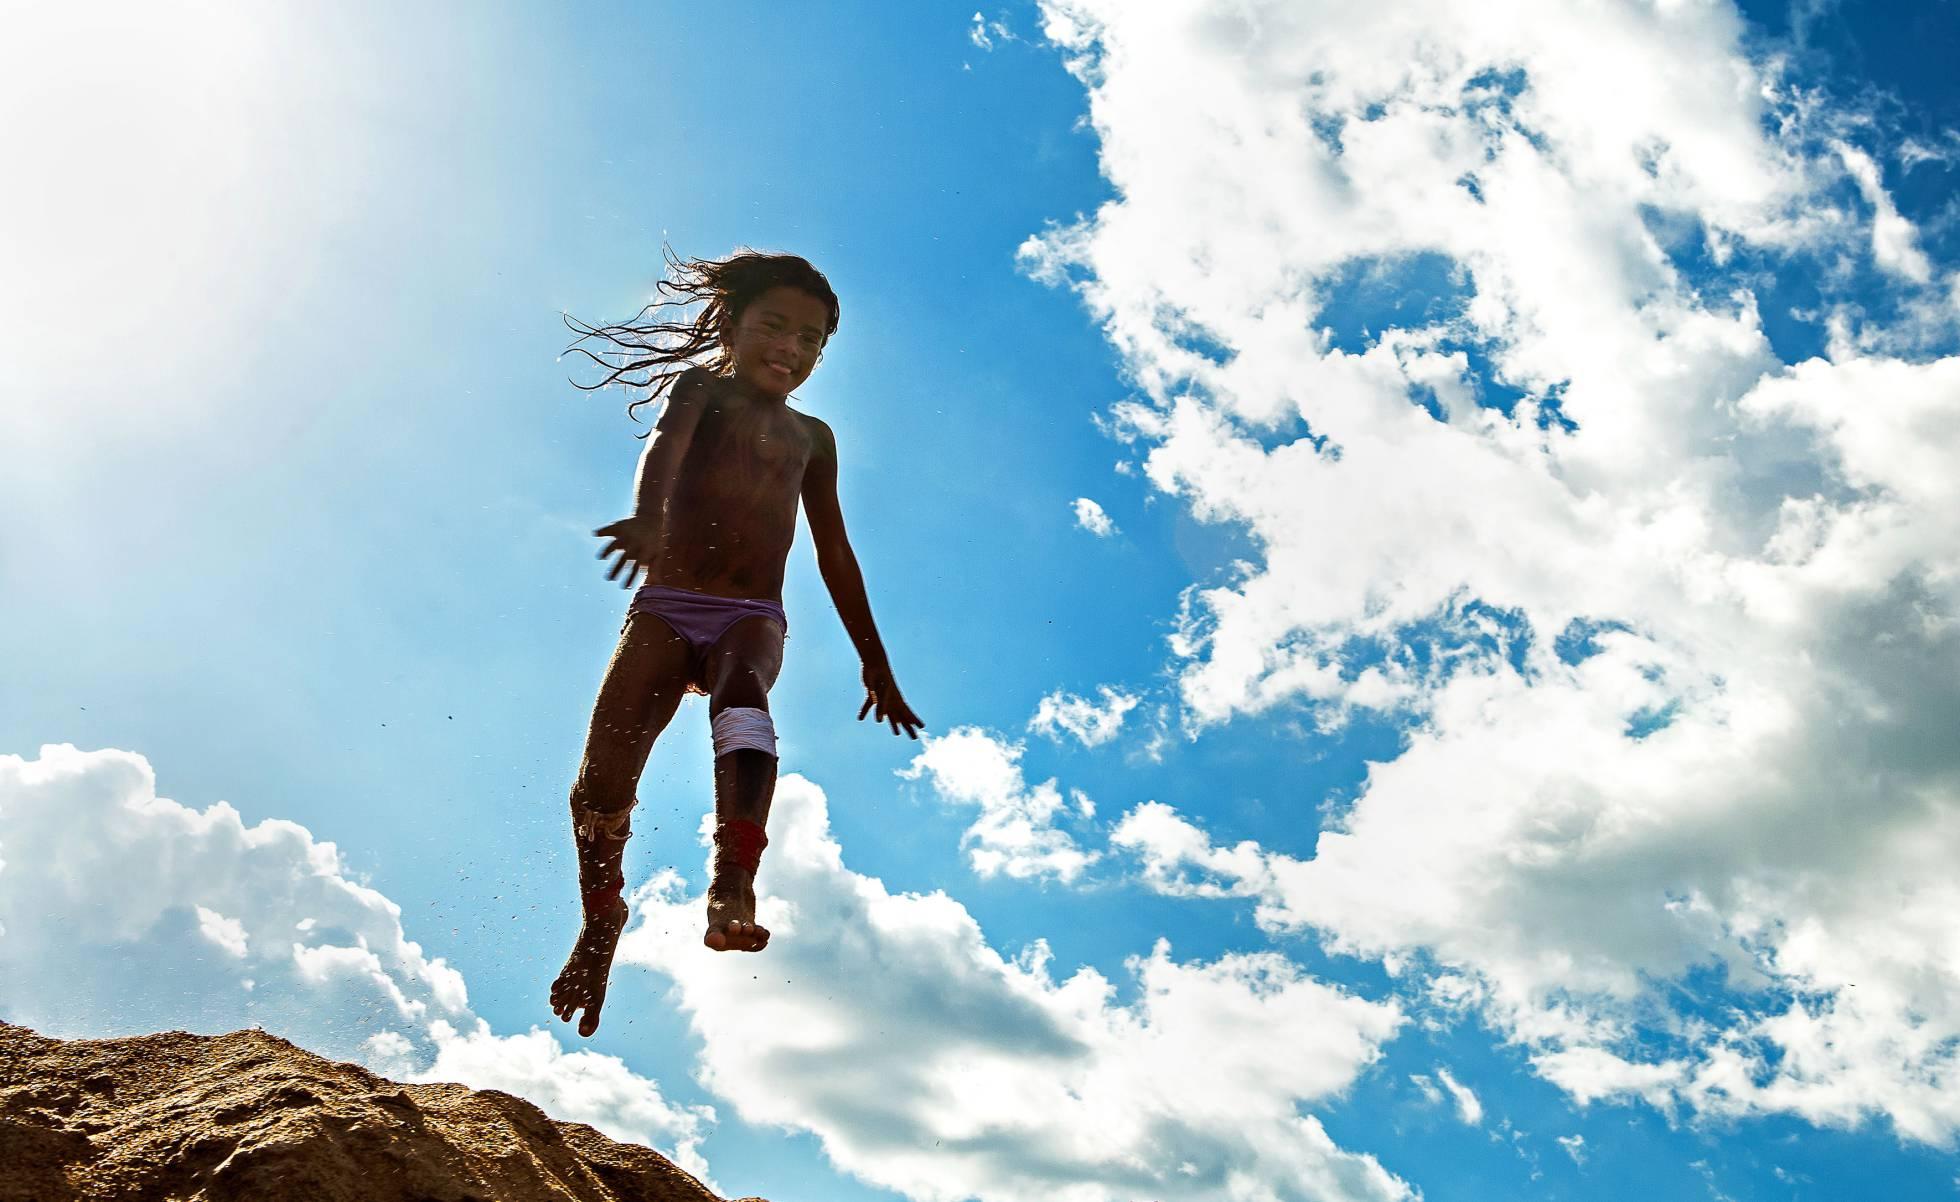 Alice Juruna, em fotografia de 2015, salta para mergulhar no rio Xingu. LILO CLARETO